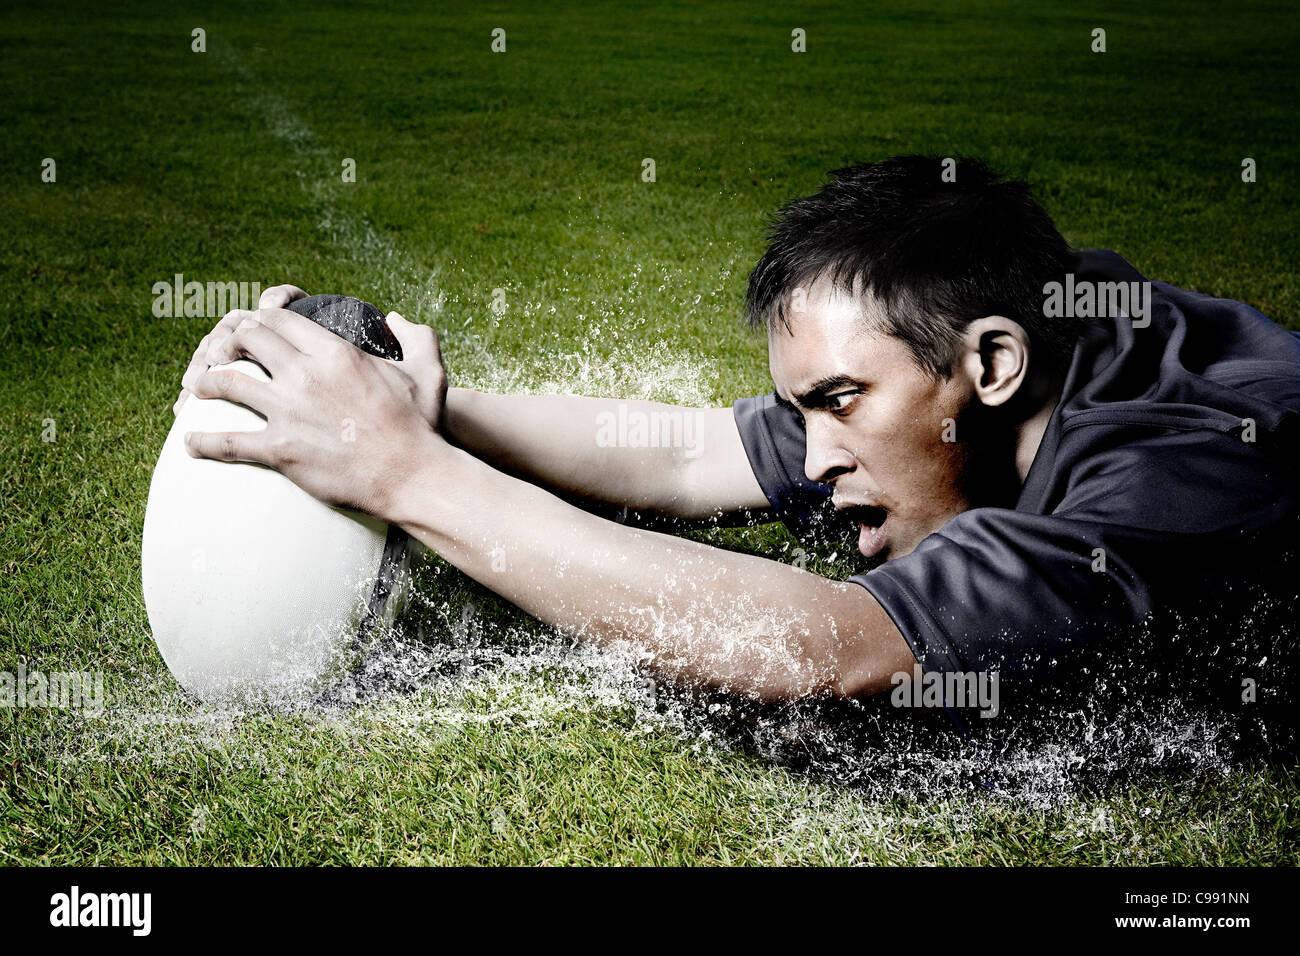 Jugador de rugby en terreno húmedo Imagen De Stock